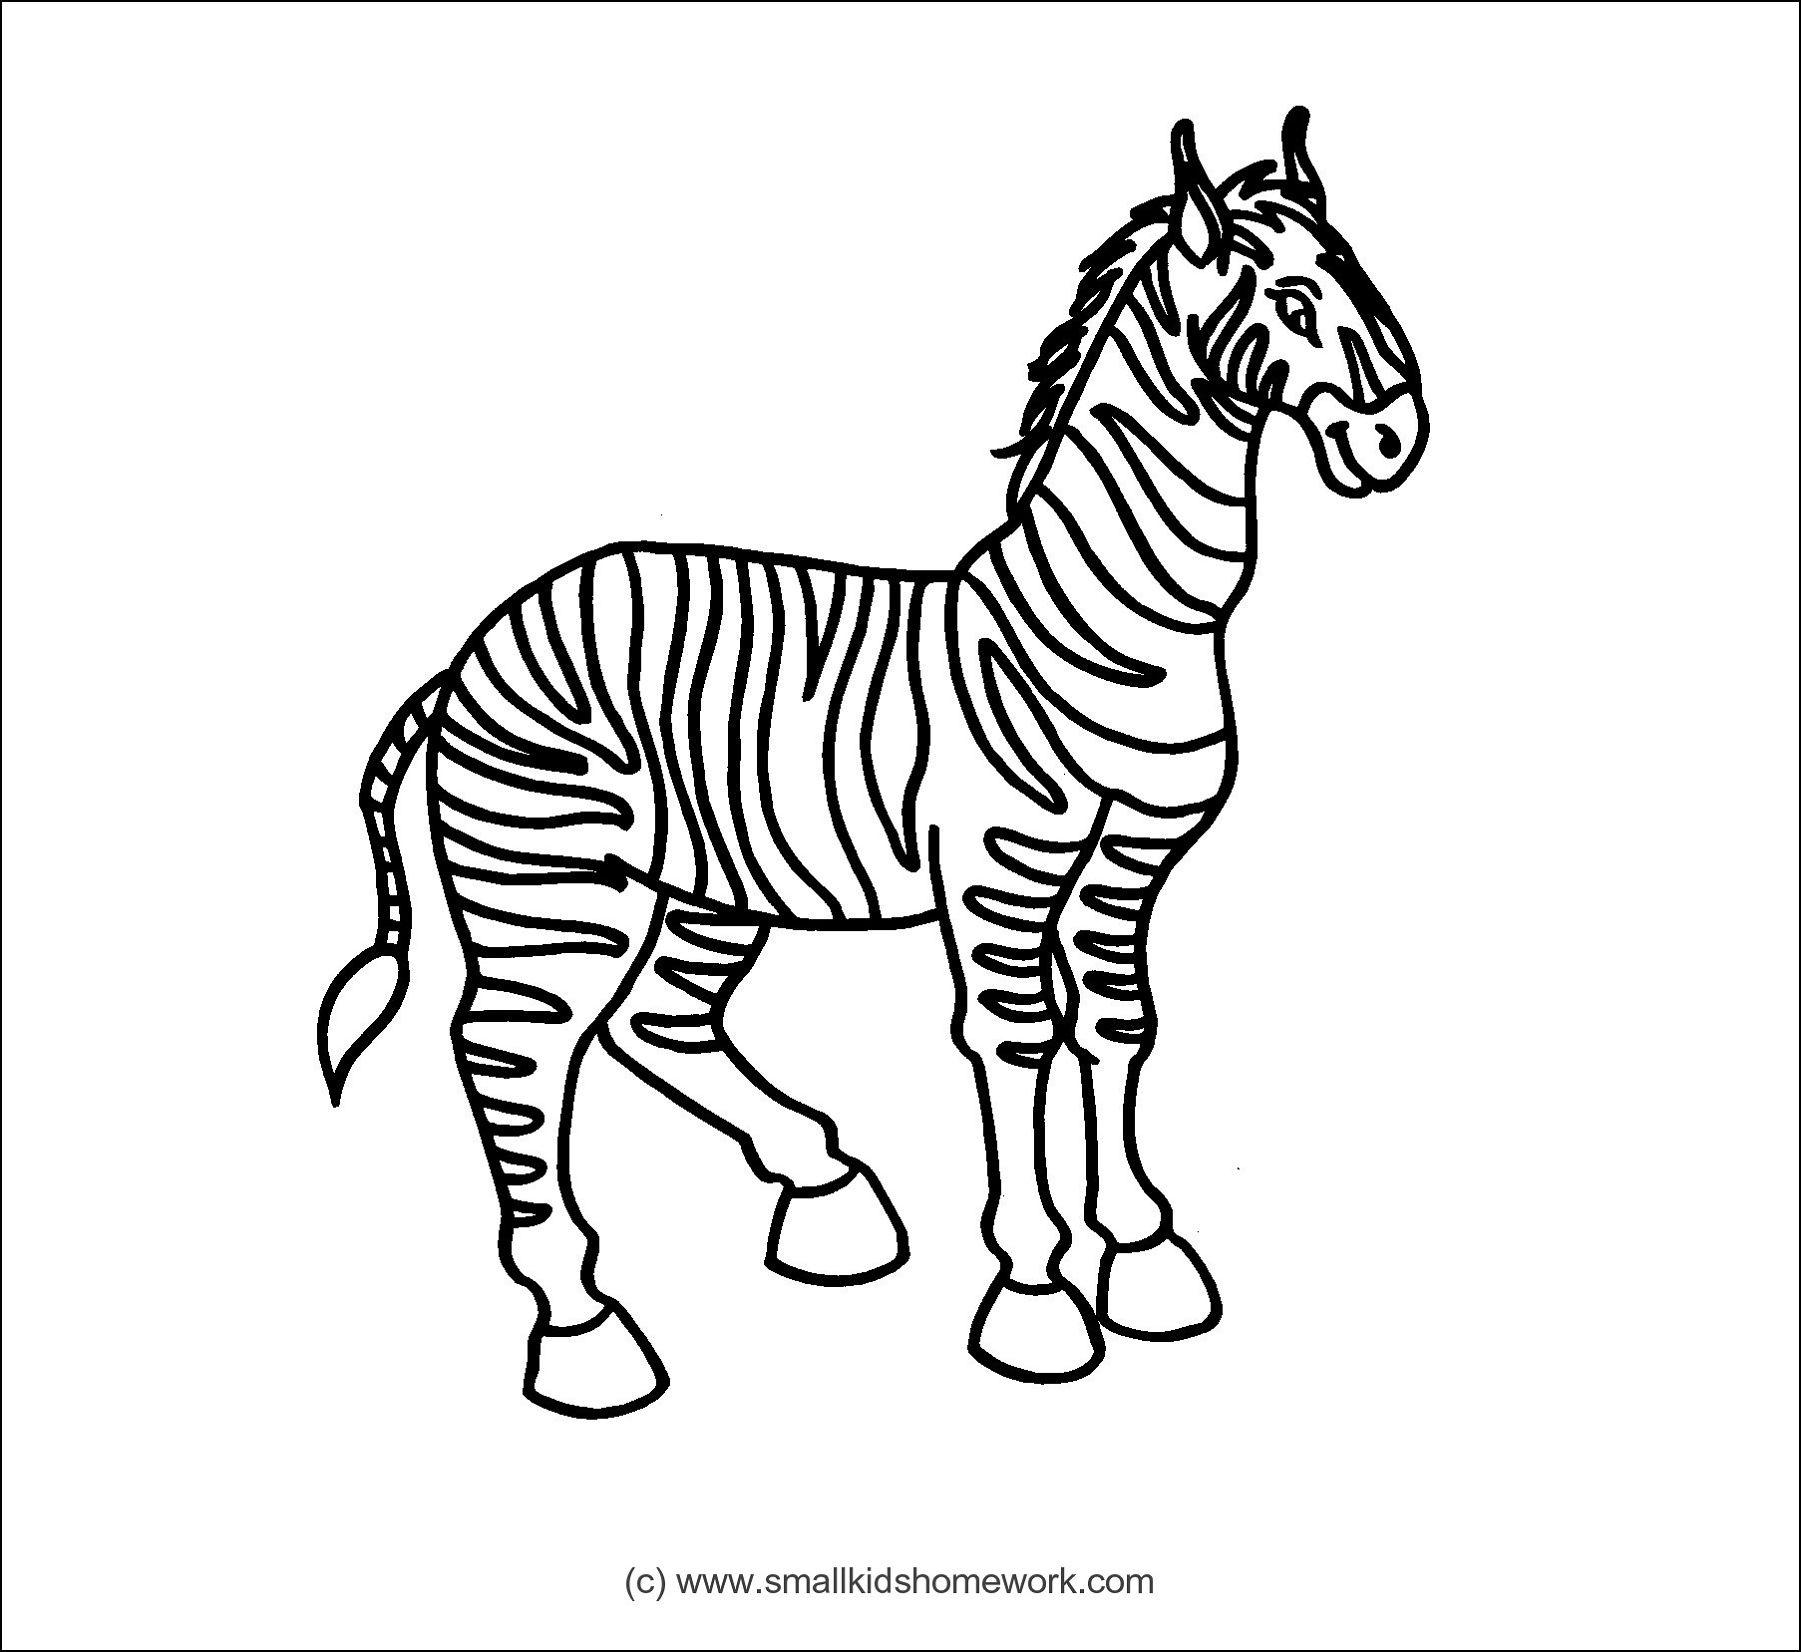 Zebra Outline Picture